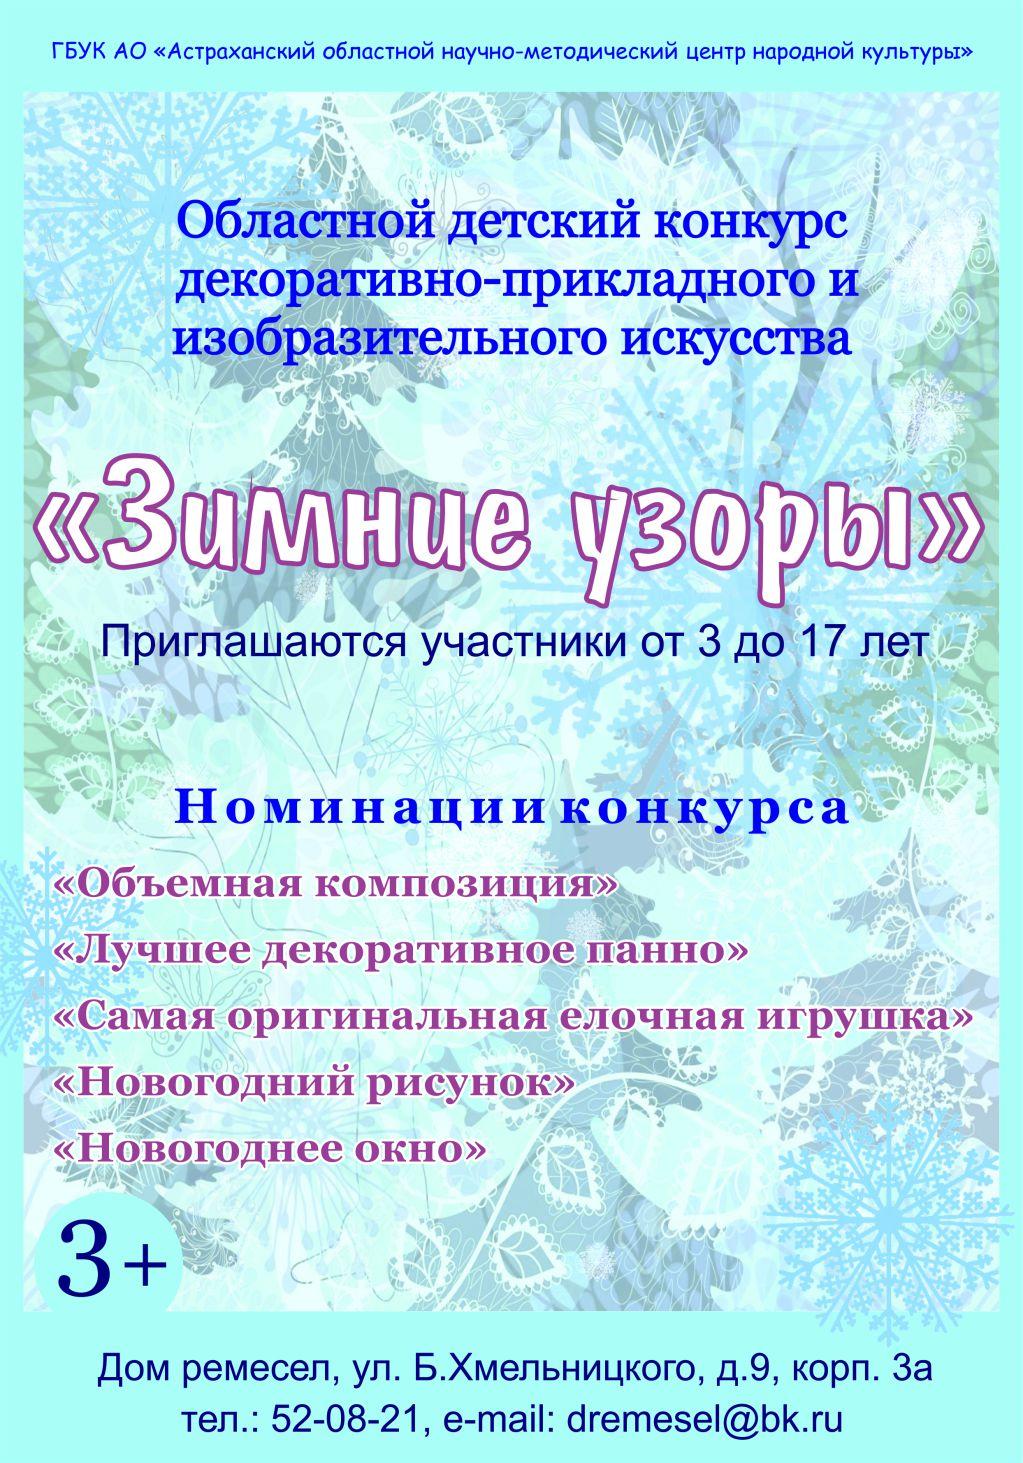 В Астрахани объявлен областной конкурс детского творчества «Зимние узоры»